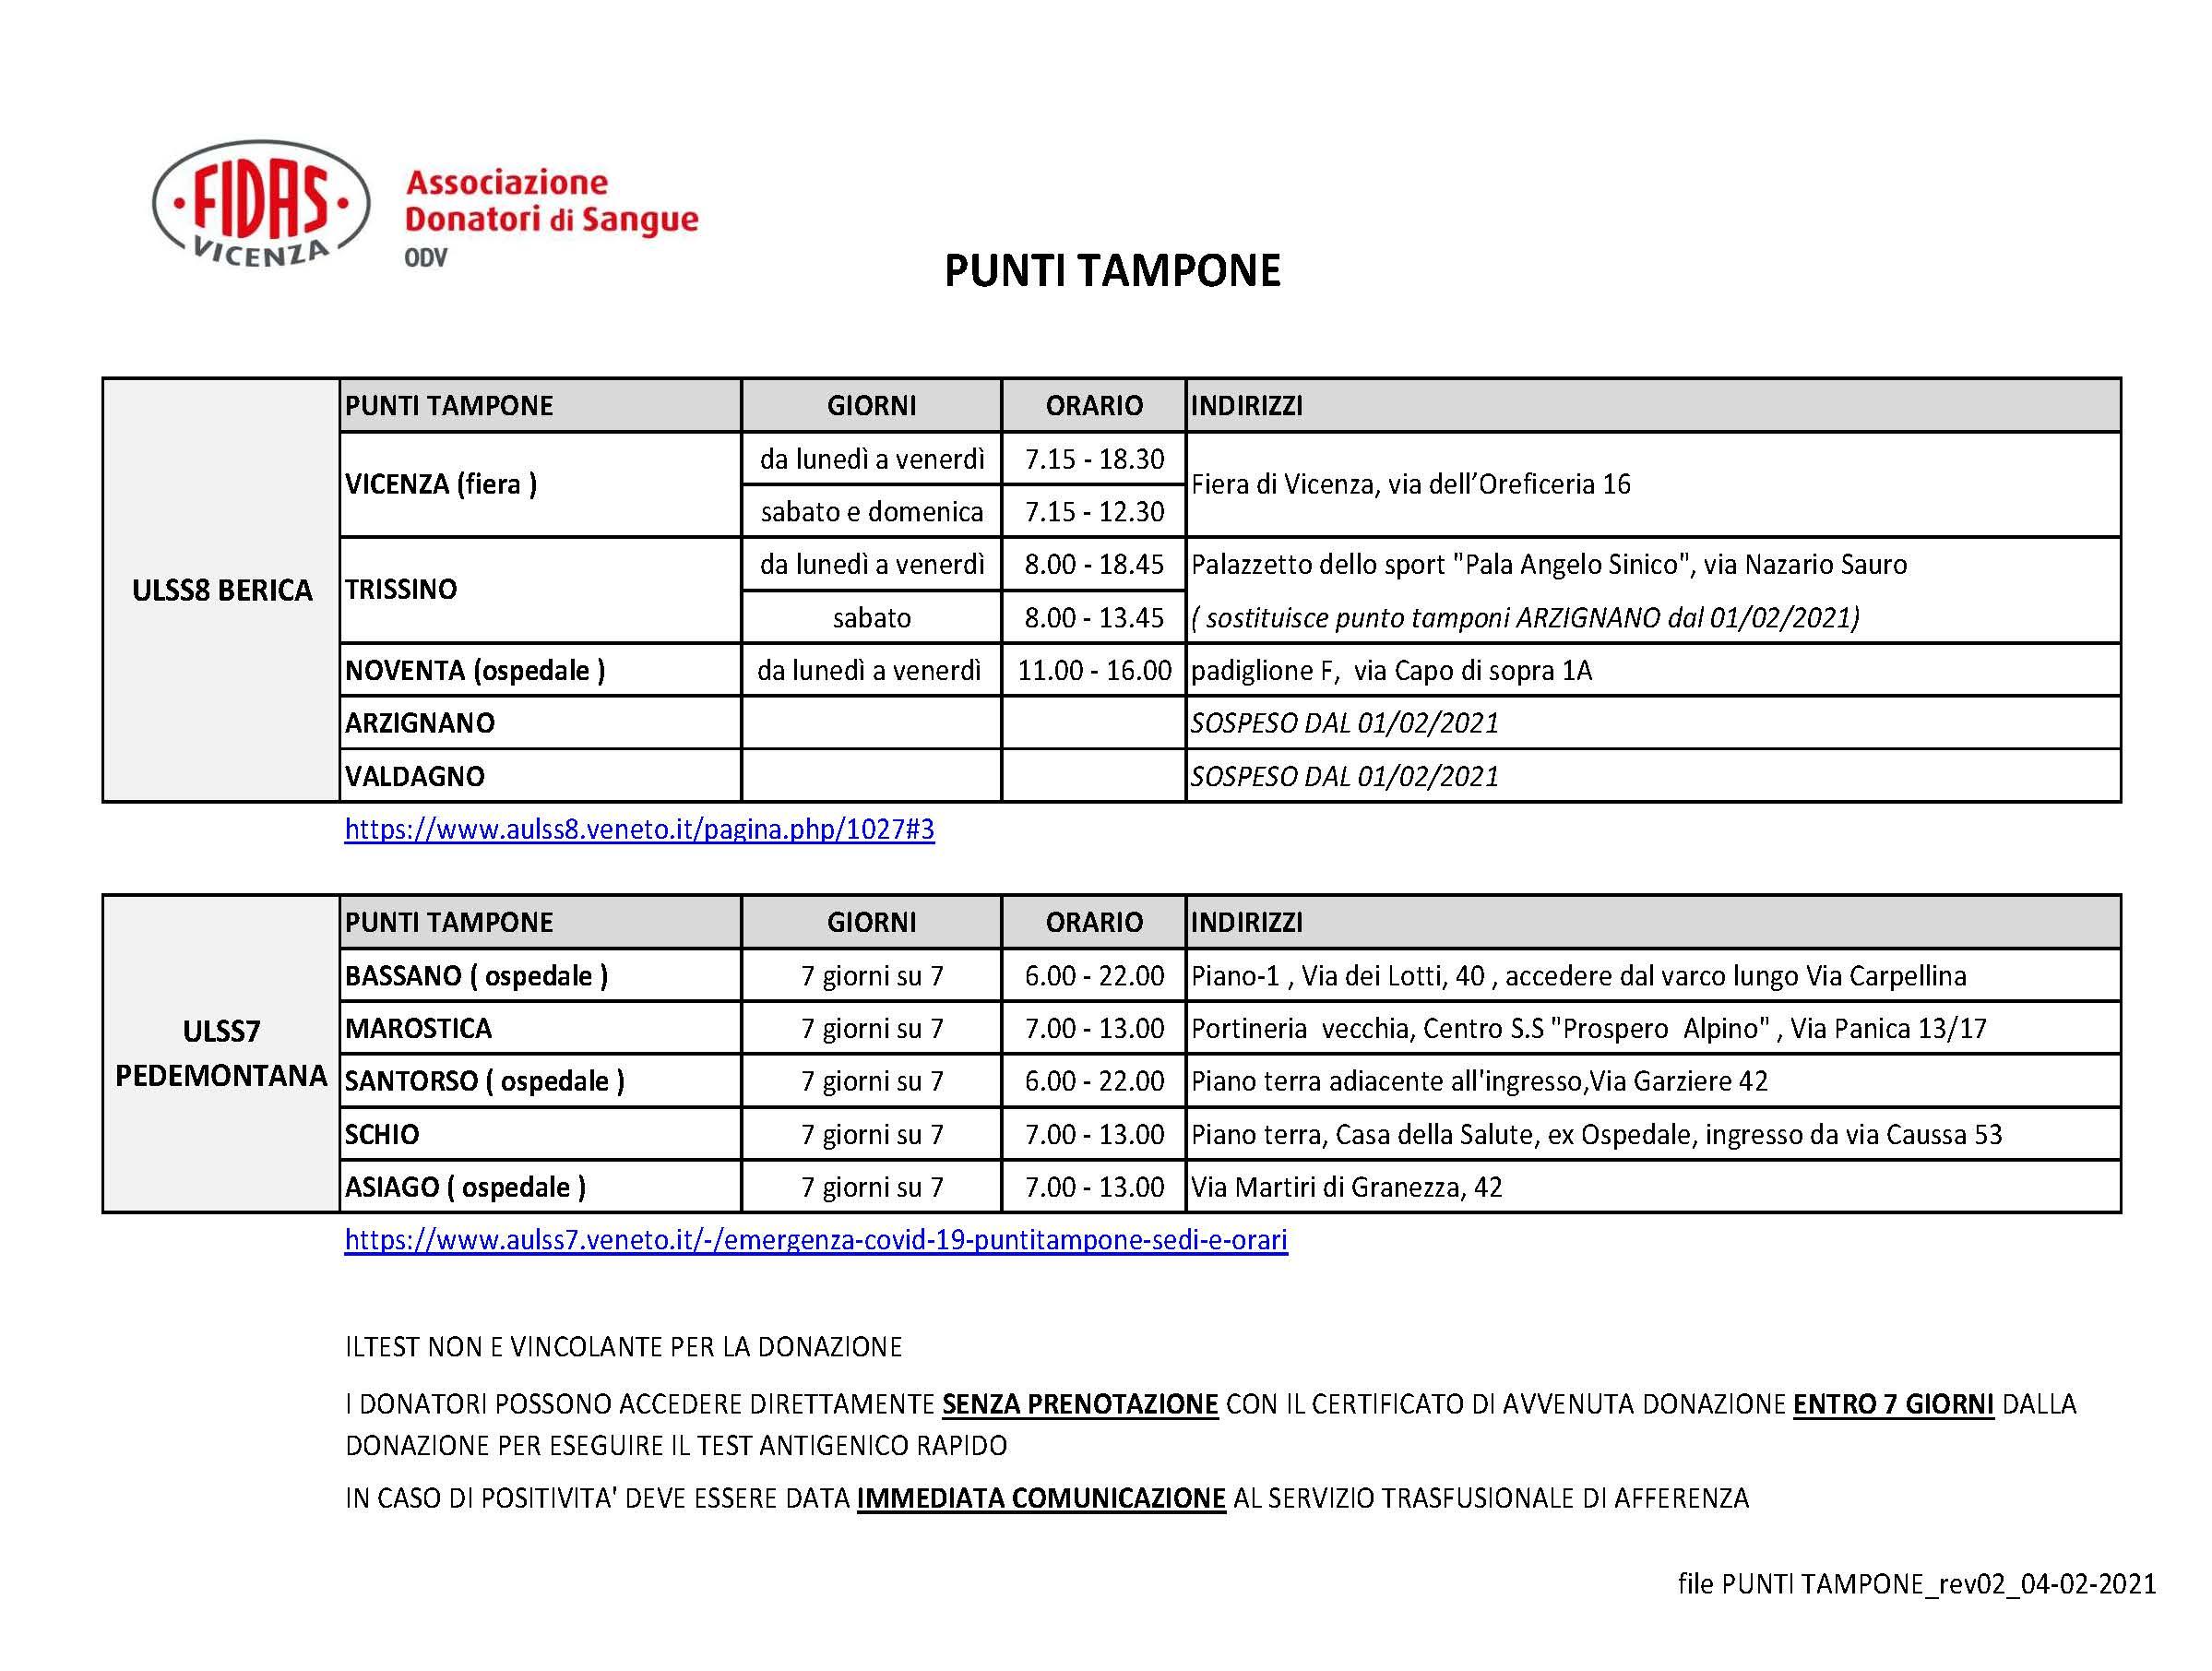 PUNTI TAMPONE_rev02_04-02-2021